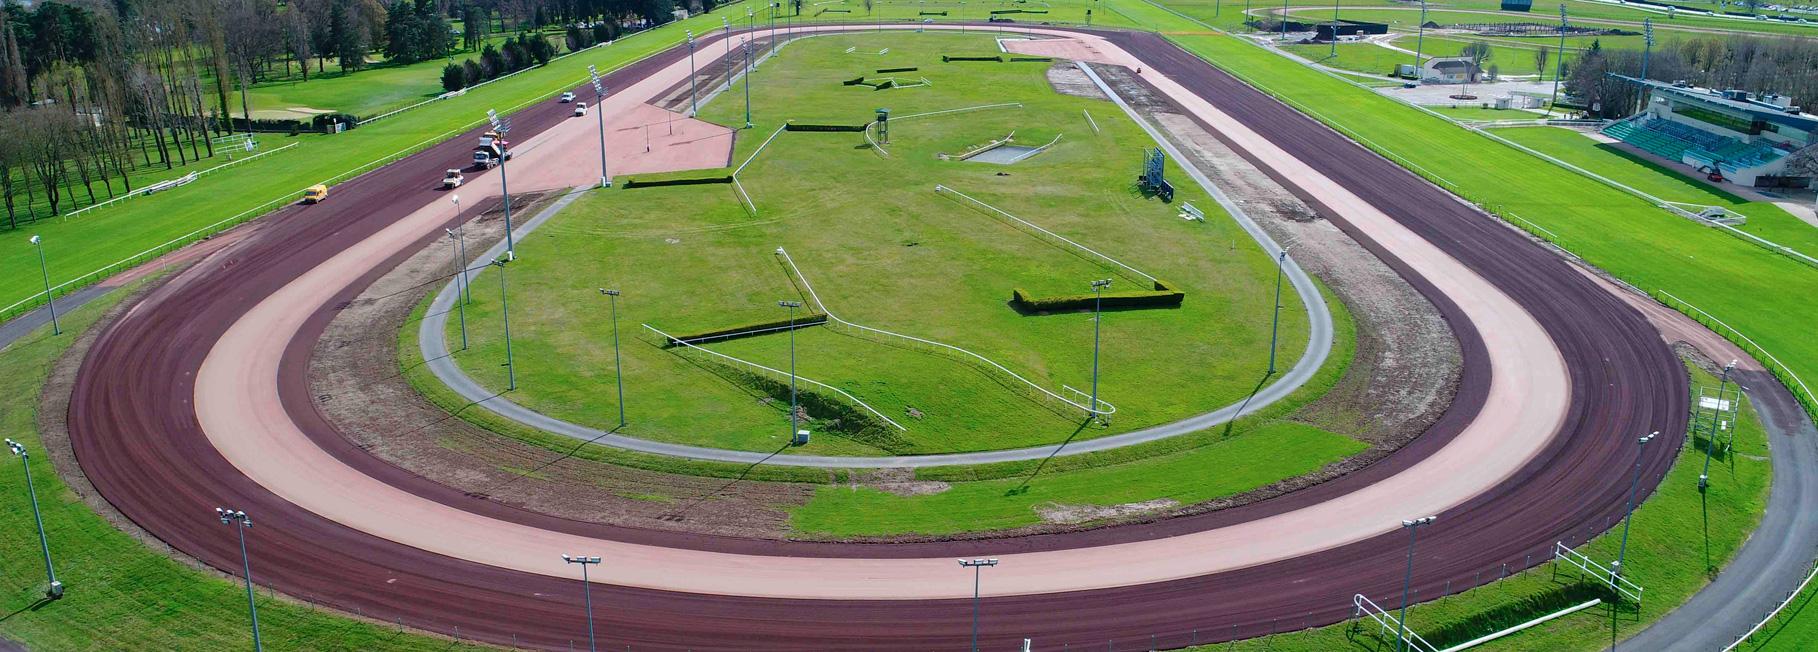 Racecourse tracks